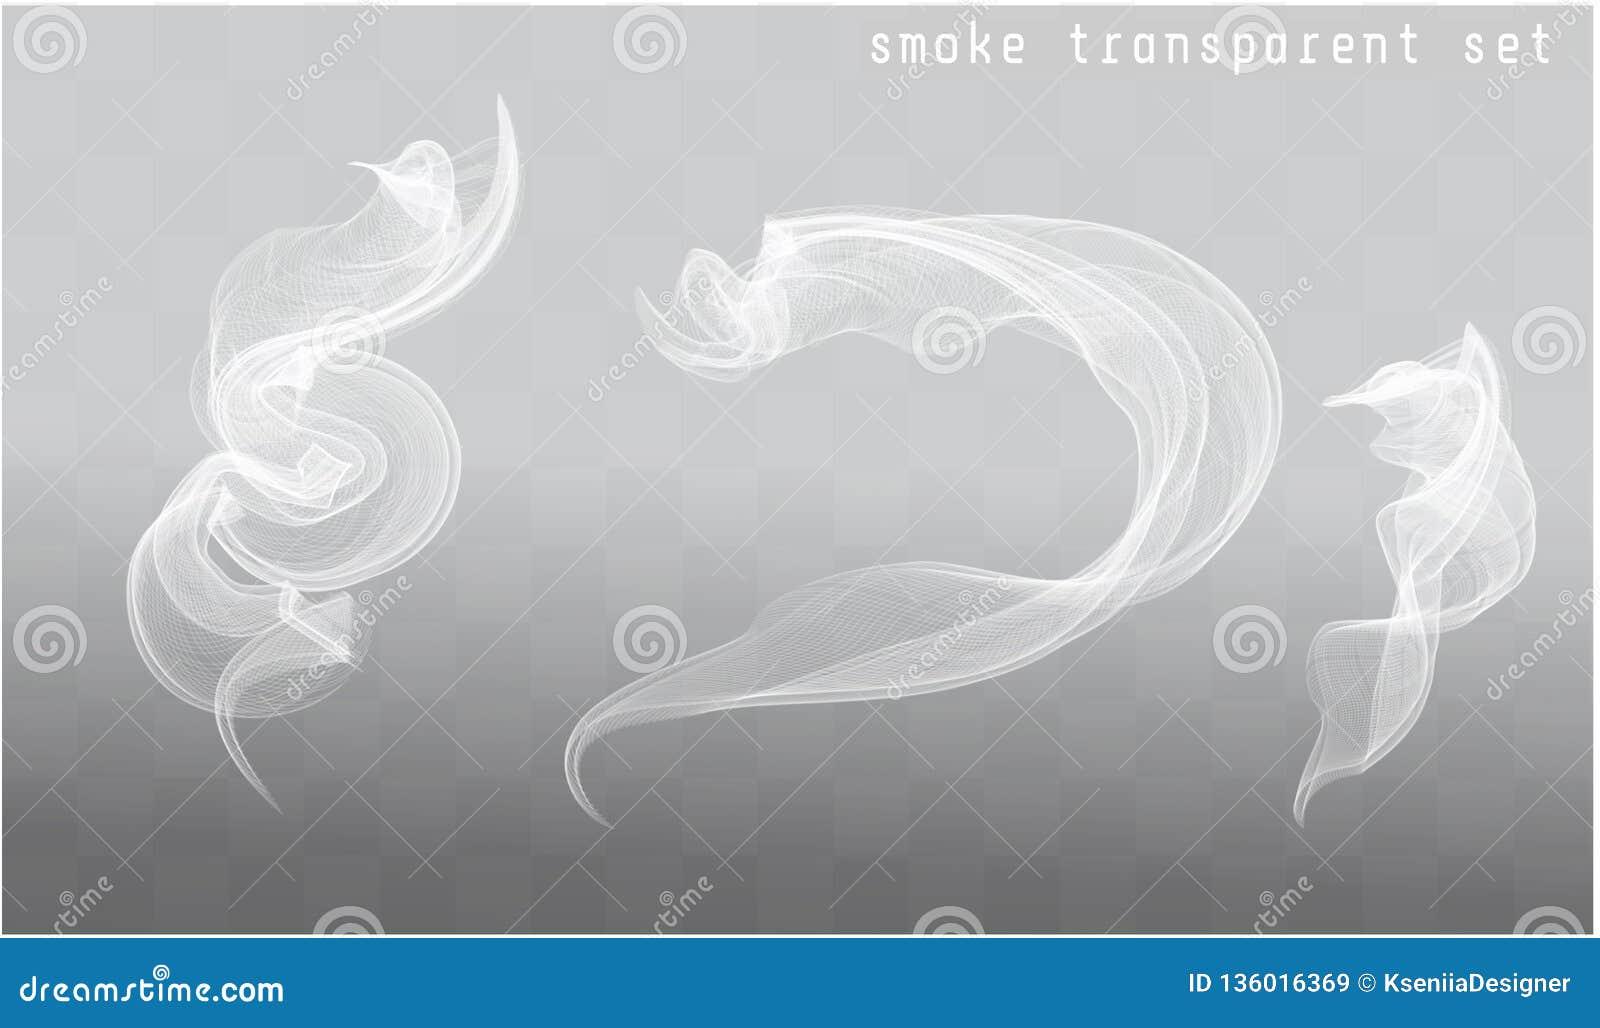 Vector Smoke Brush  Vector Isolated Image Of Smoke Stock